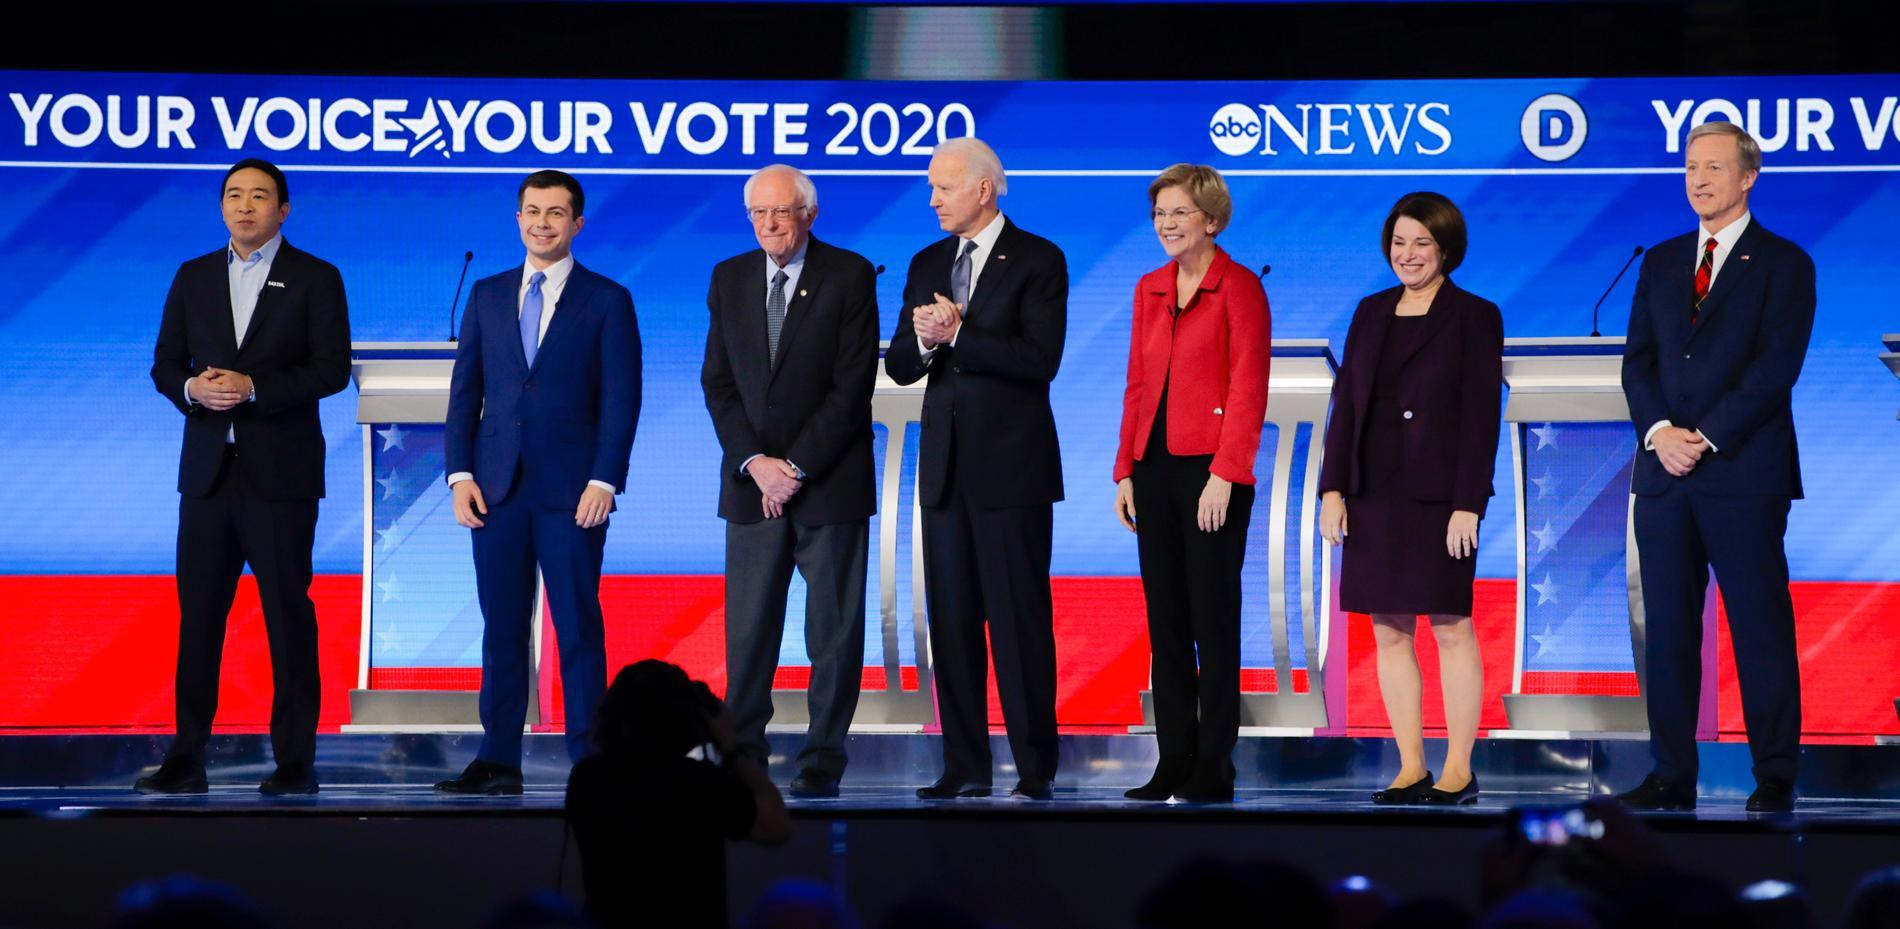 De demokratiska kandidaterna med Pete Buttigieg, Bernie Sanders, Joe Biden och Elizabeth Warren i spetsen.